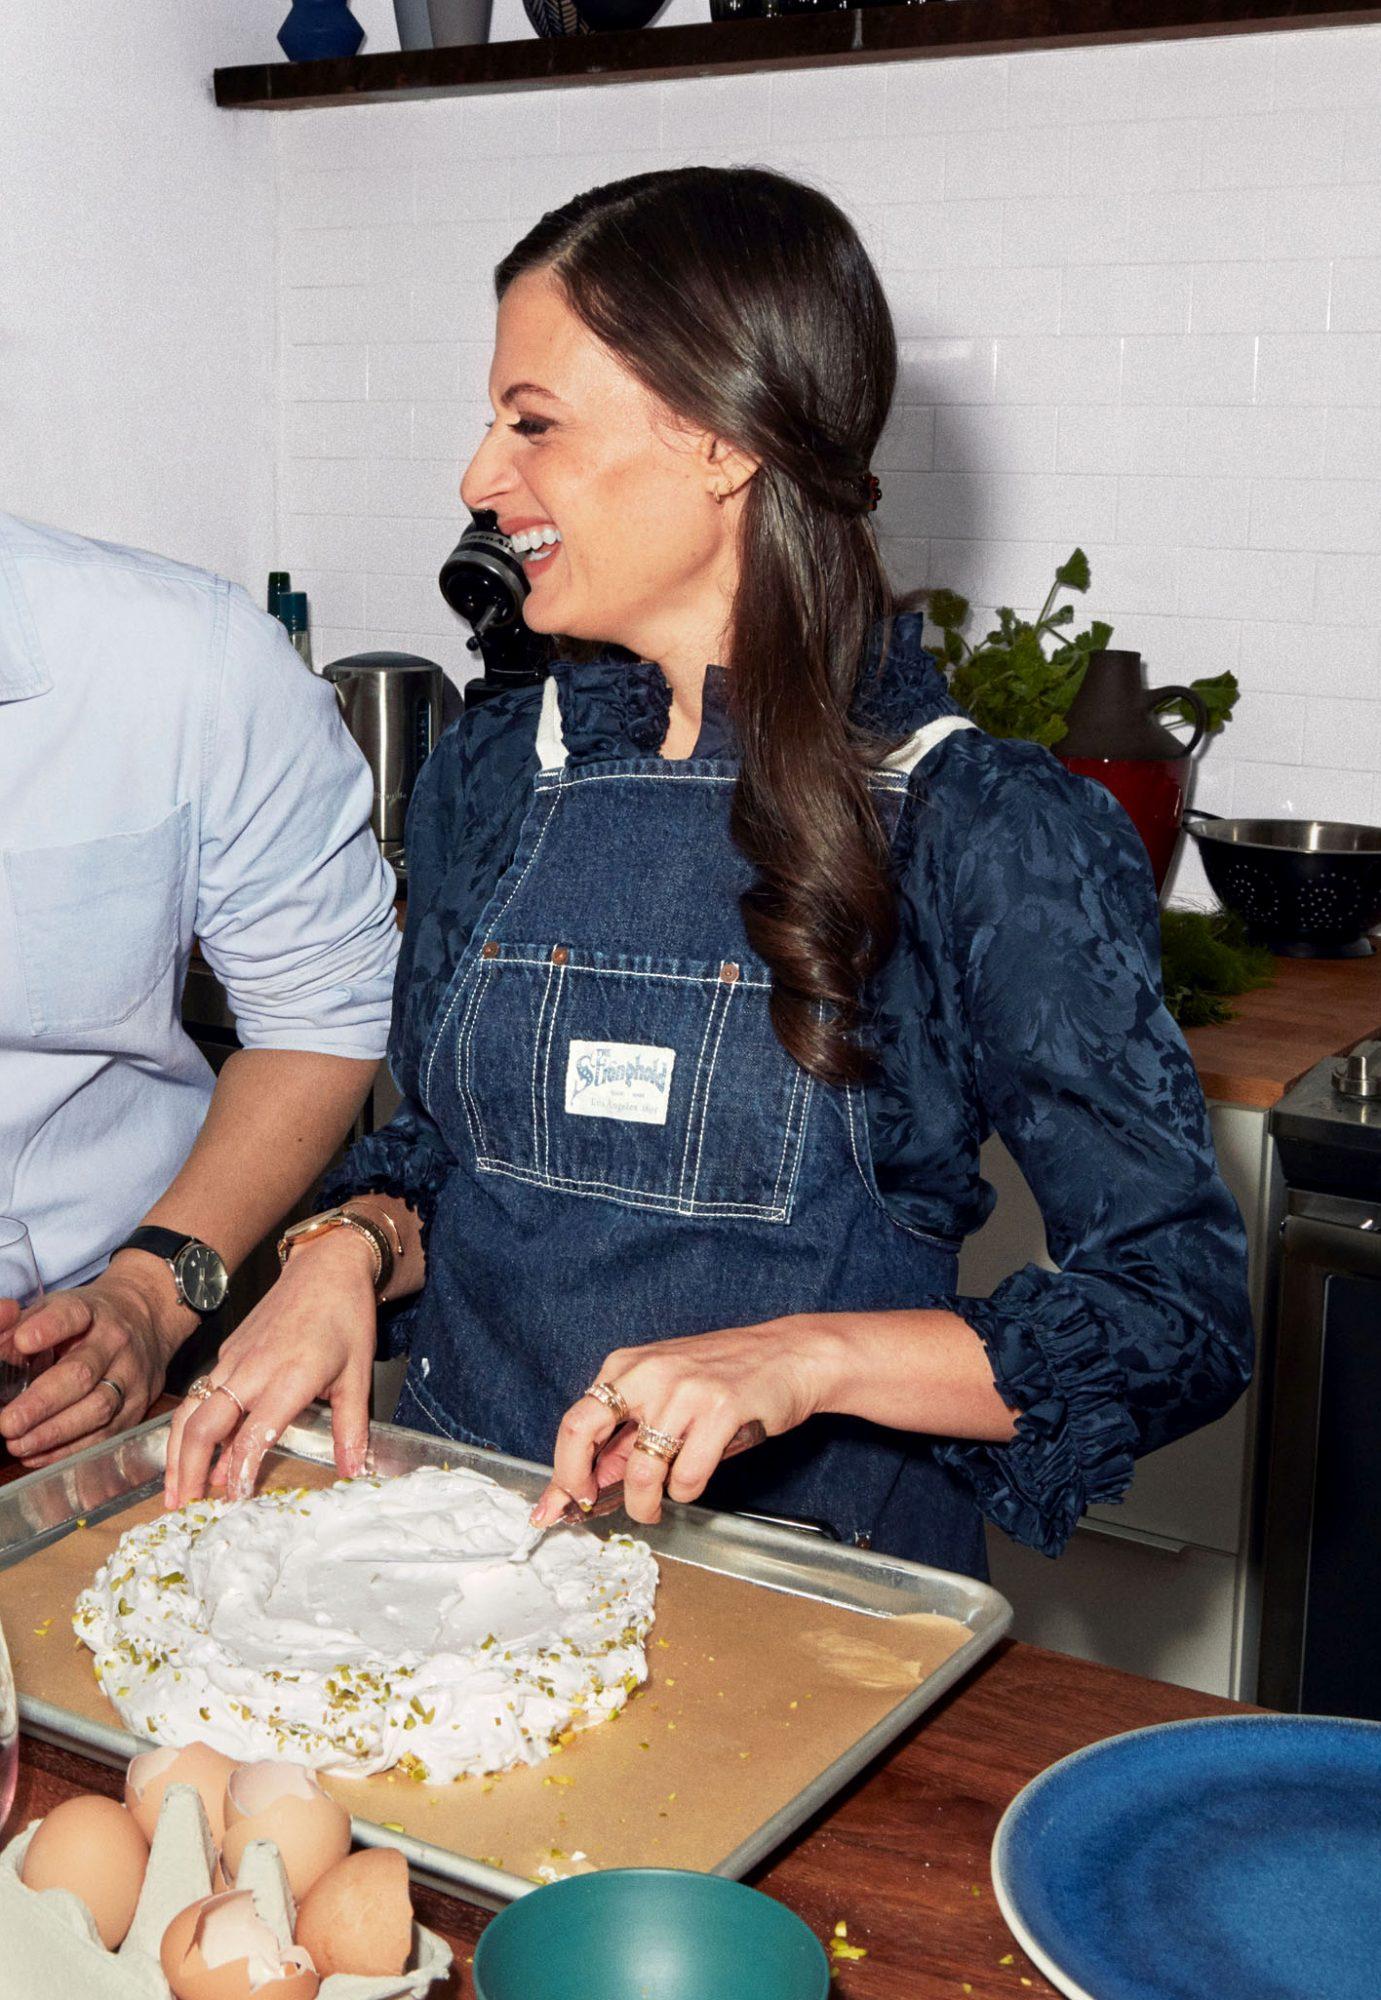 rebecca preparing pistachio pavlova